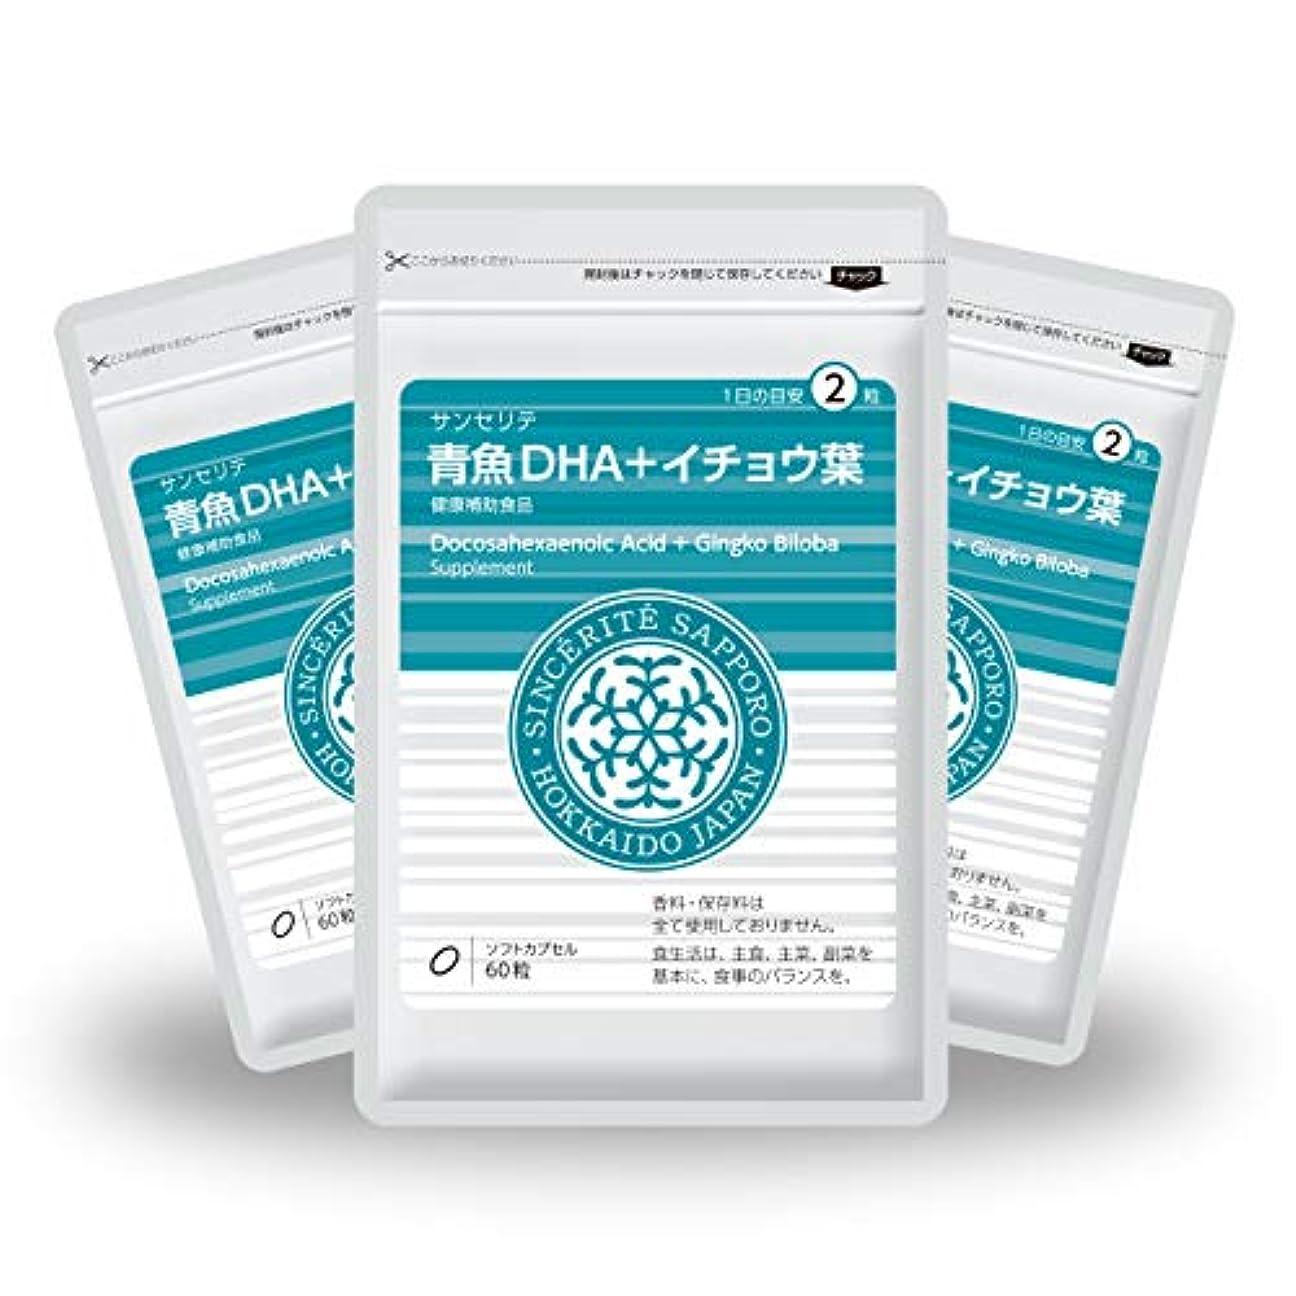 微弱ソーセージシャーロットブロンテ青魚DHA+イチョウ葉 3袋セット[送料無料][DHA]101mg配合[国内製造]お得な90日分